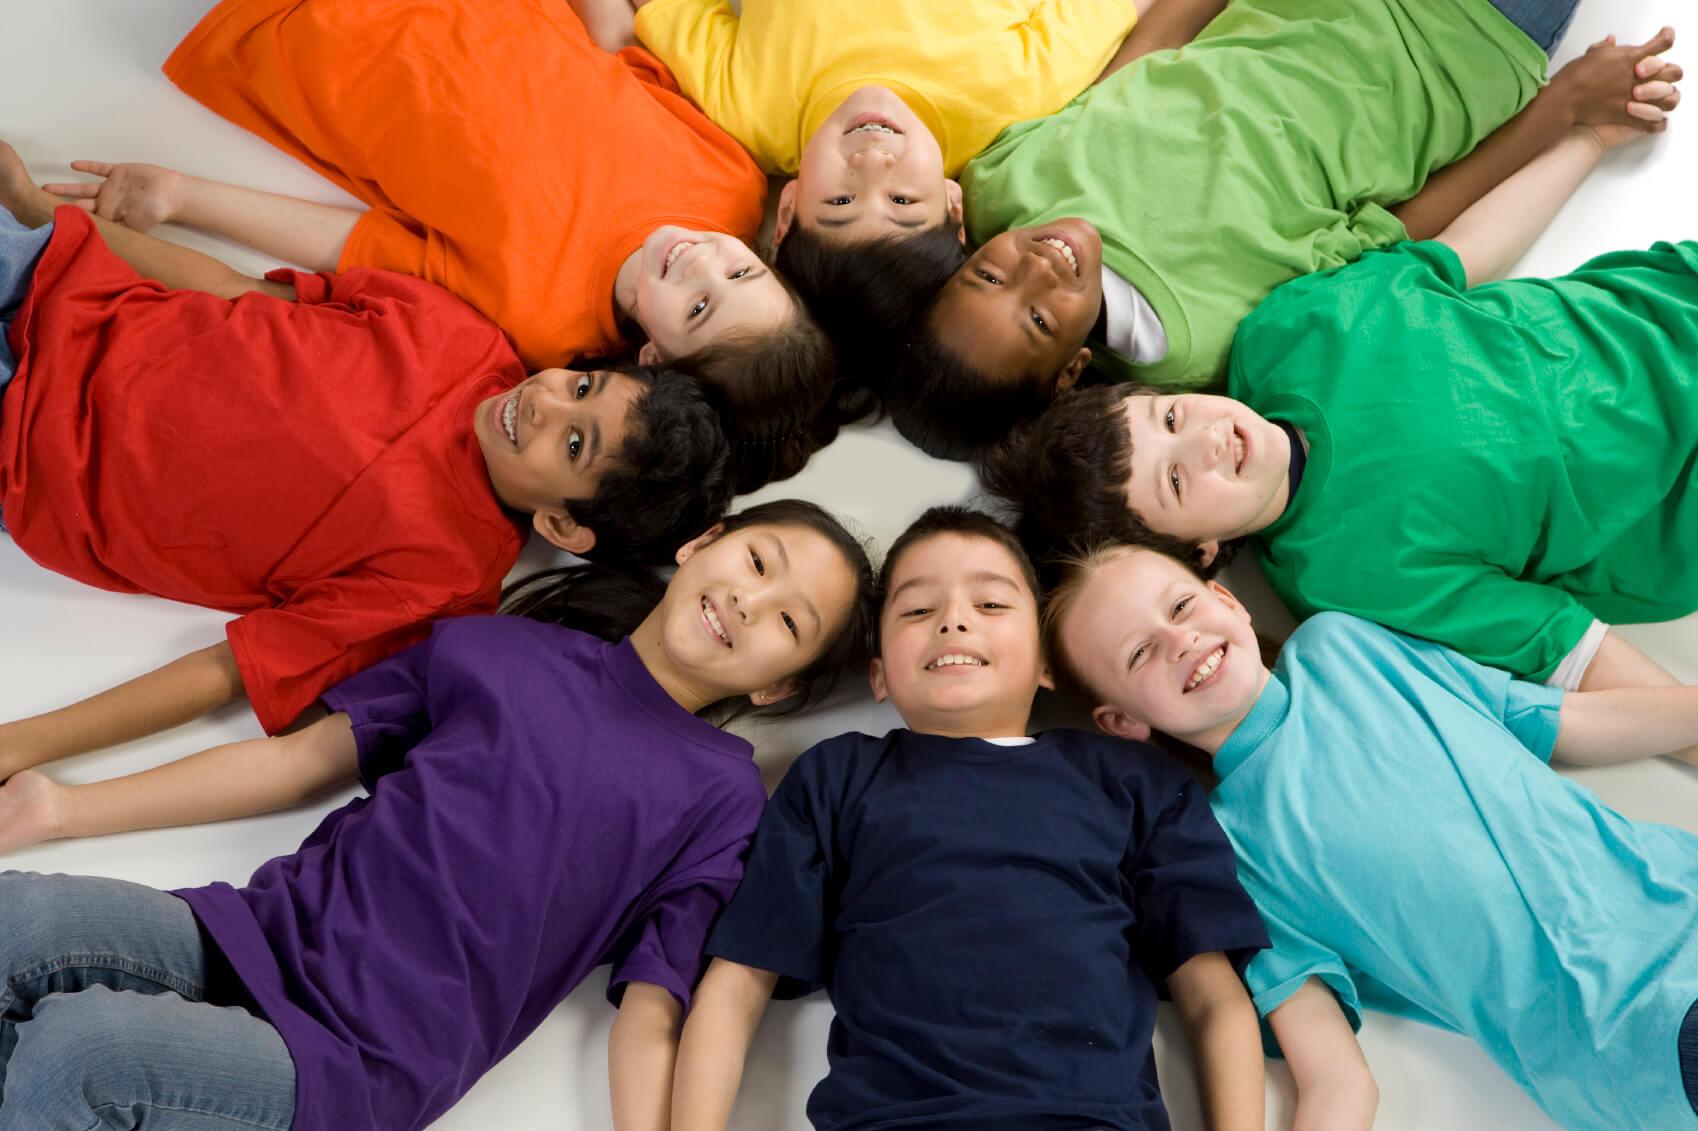 اجتماعی شدن کودکان در گرو انجام فعالیت های گروهی